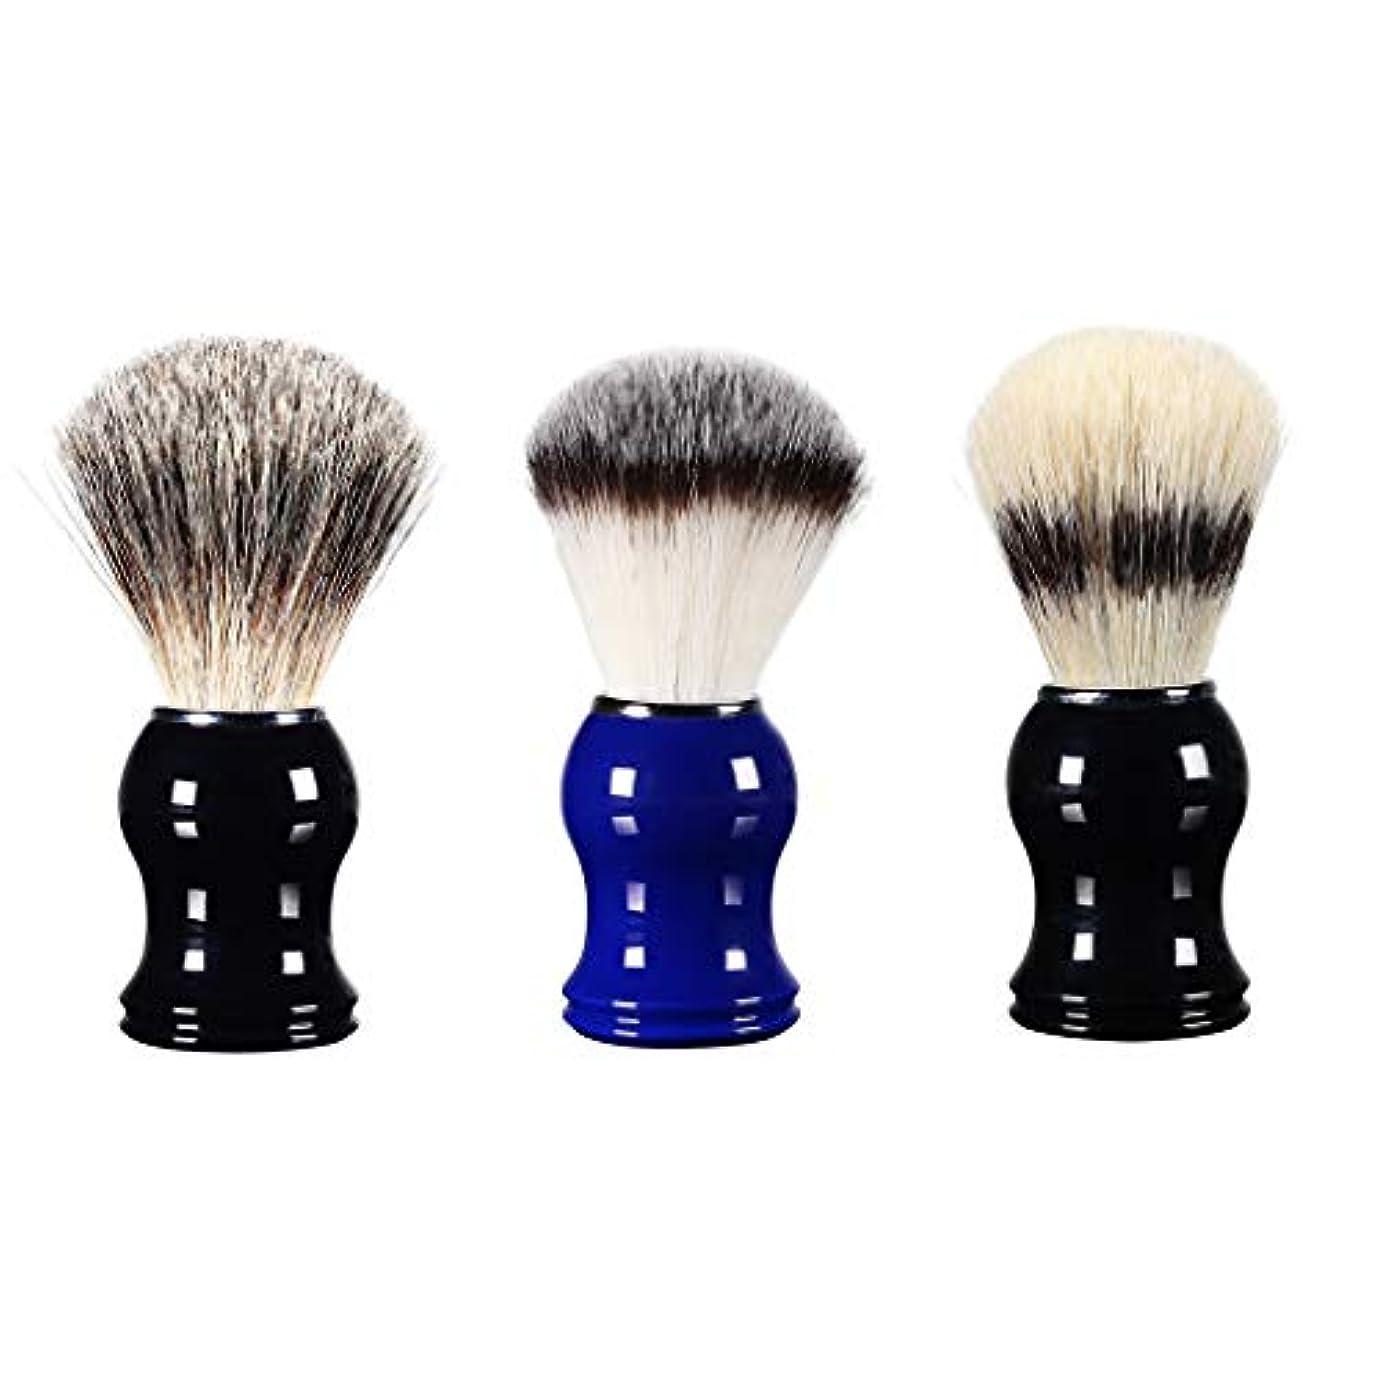 定義するボアフラグラント3個 男性用 シェービング用ブラシ 理容 洗顔 髭剃り 泡立ち アクセサリー